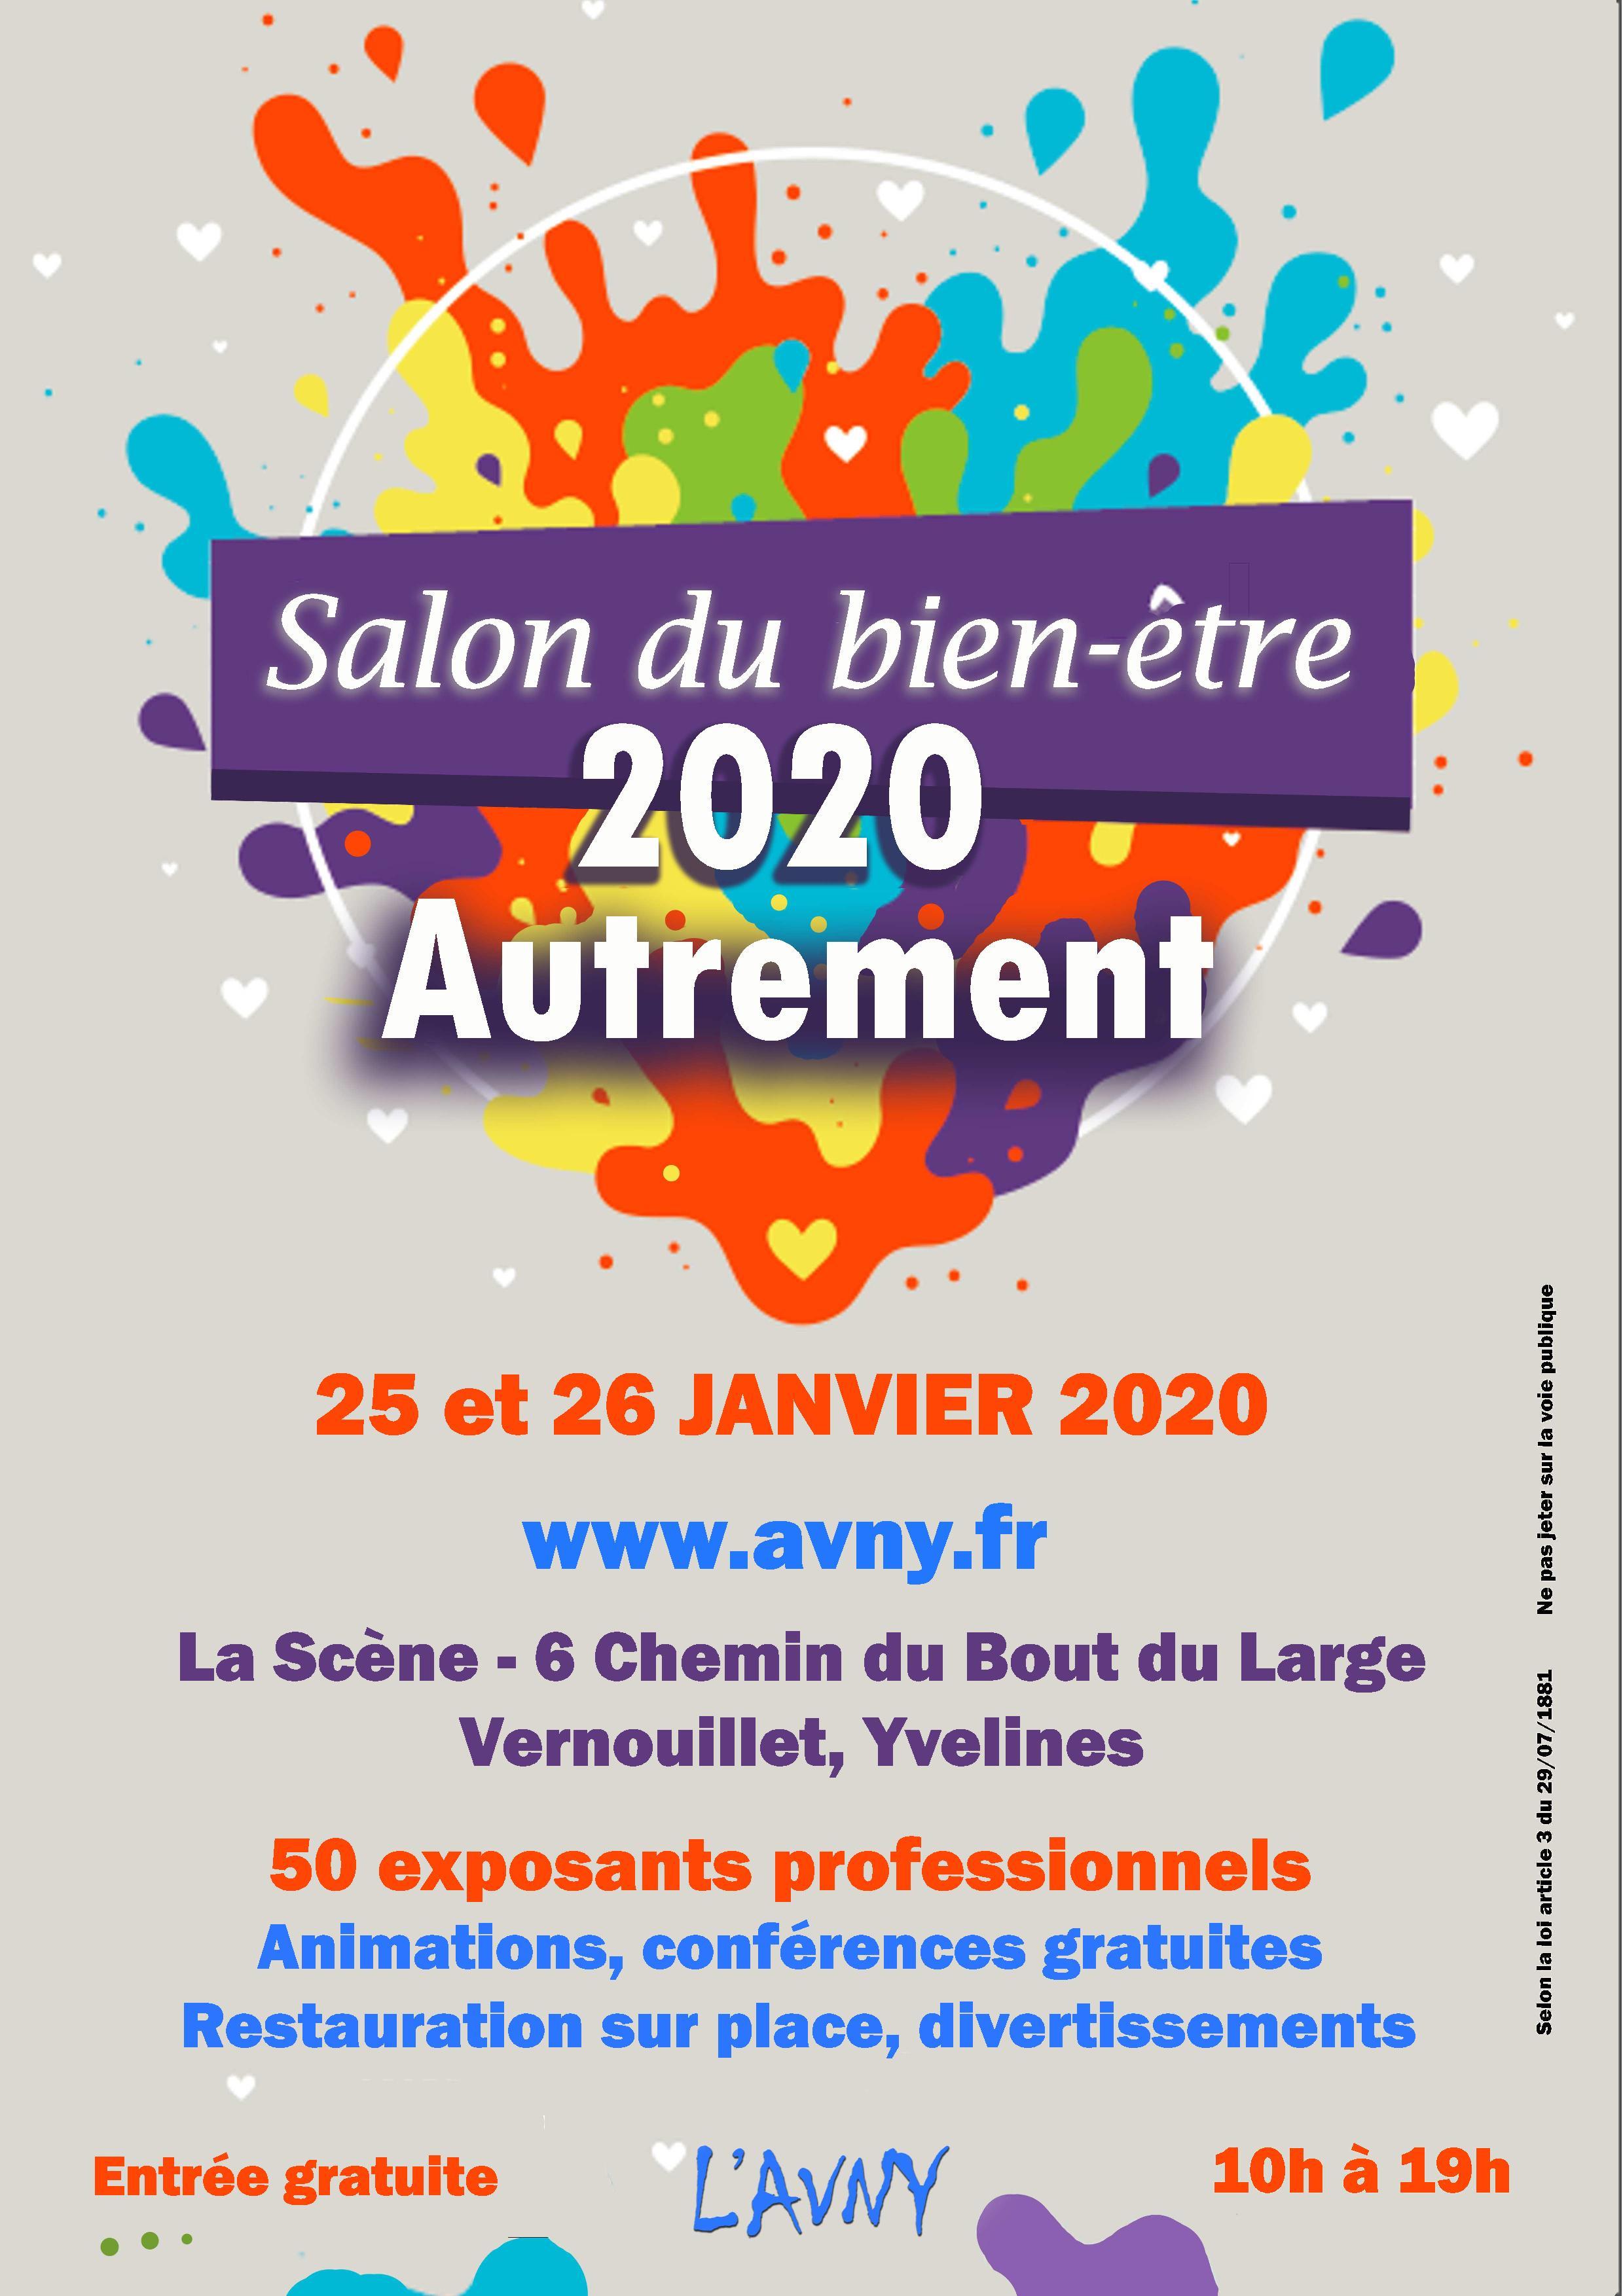 Calendrier Des Salons Bien Etre 2020.Salon Du Bien Etre 2020 Autrement Vernouillet 78 01